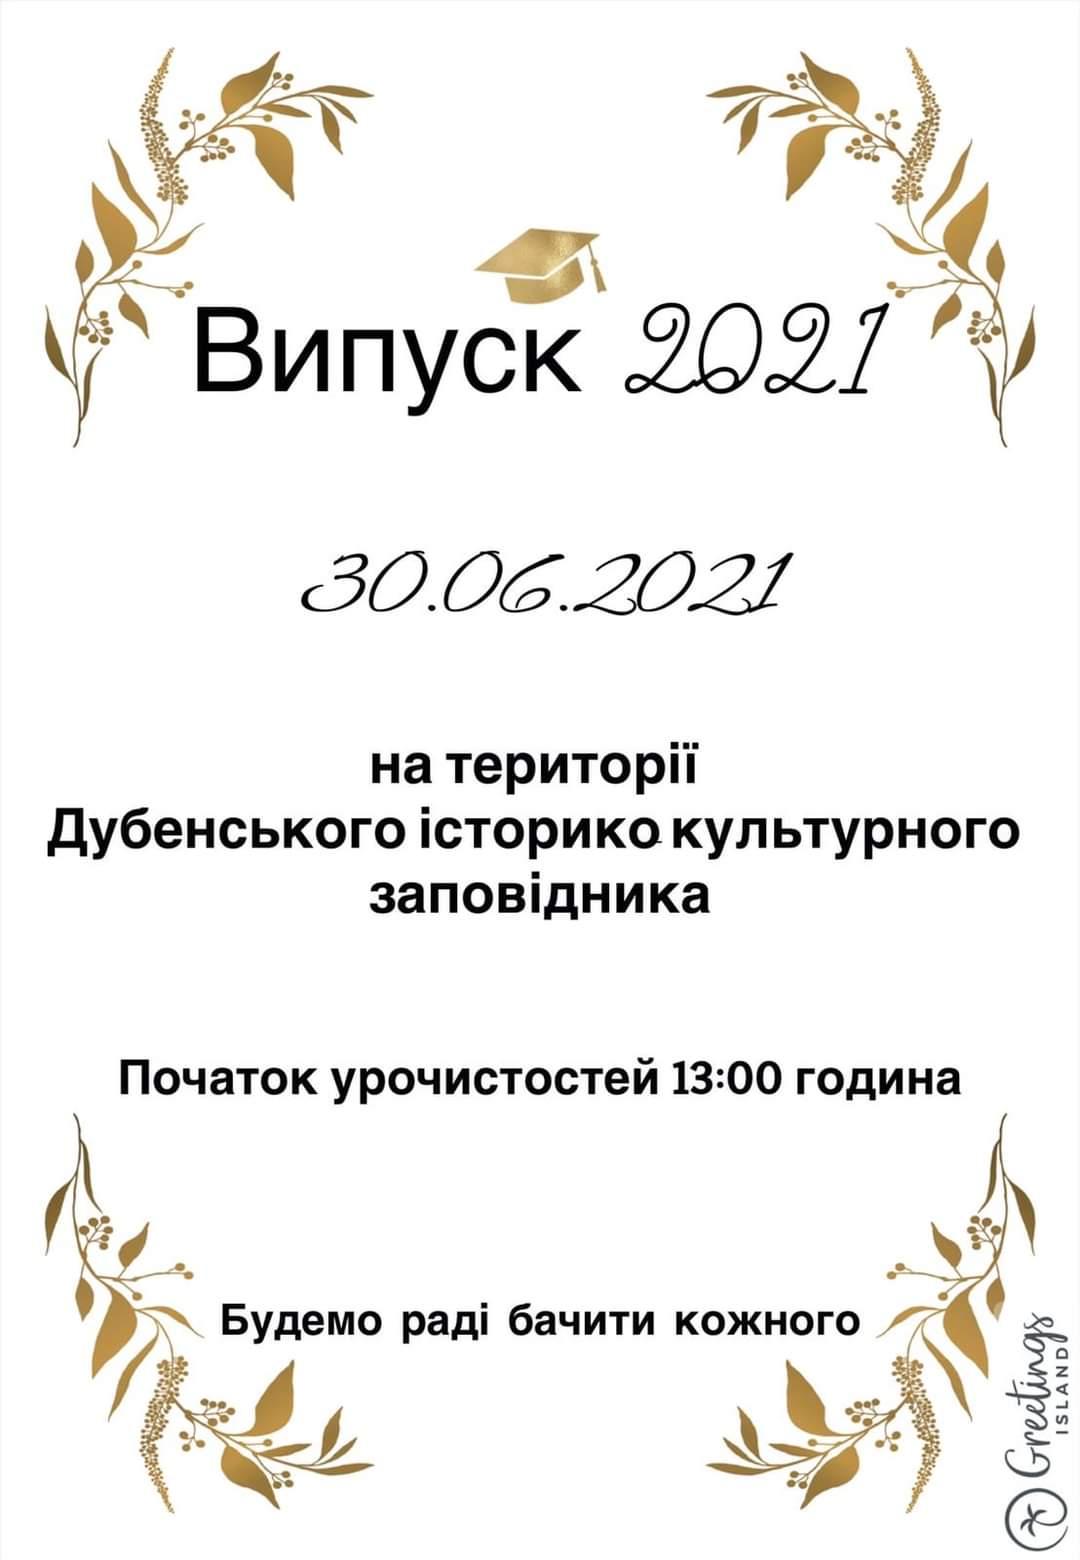 FB_IMG_1624973385508